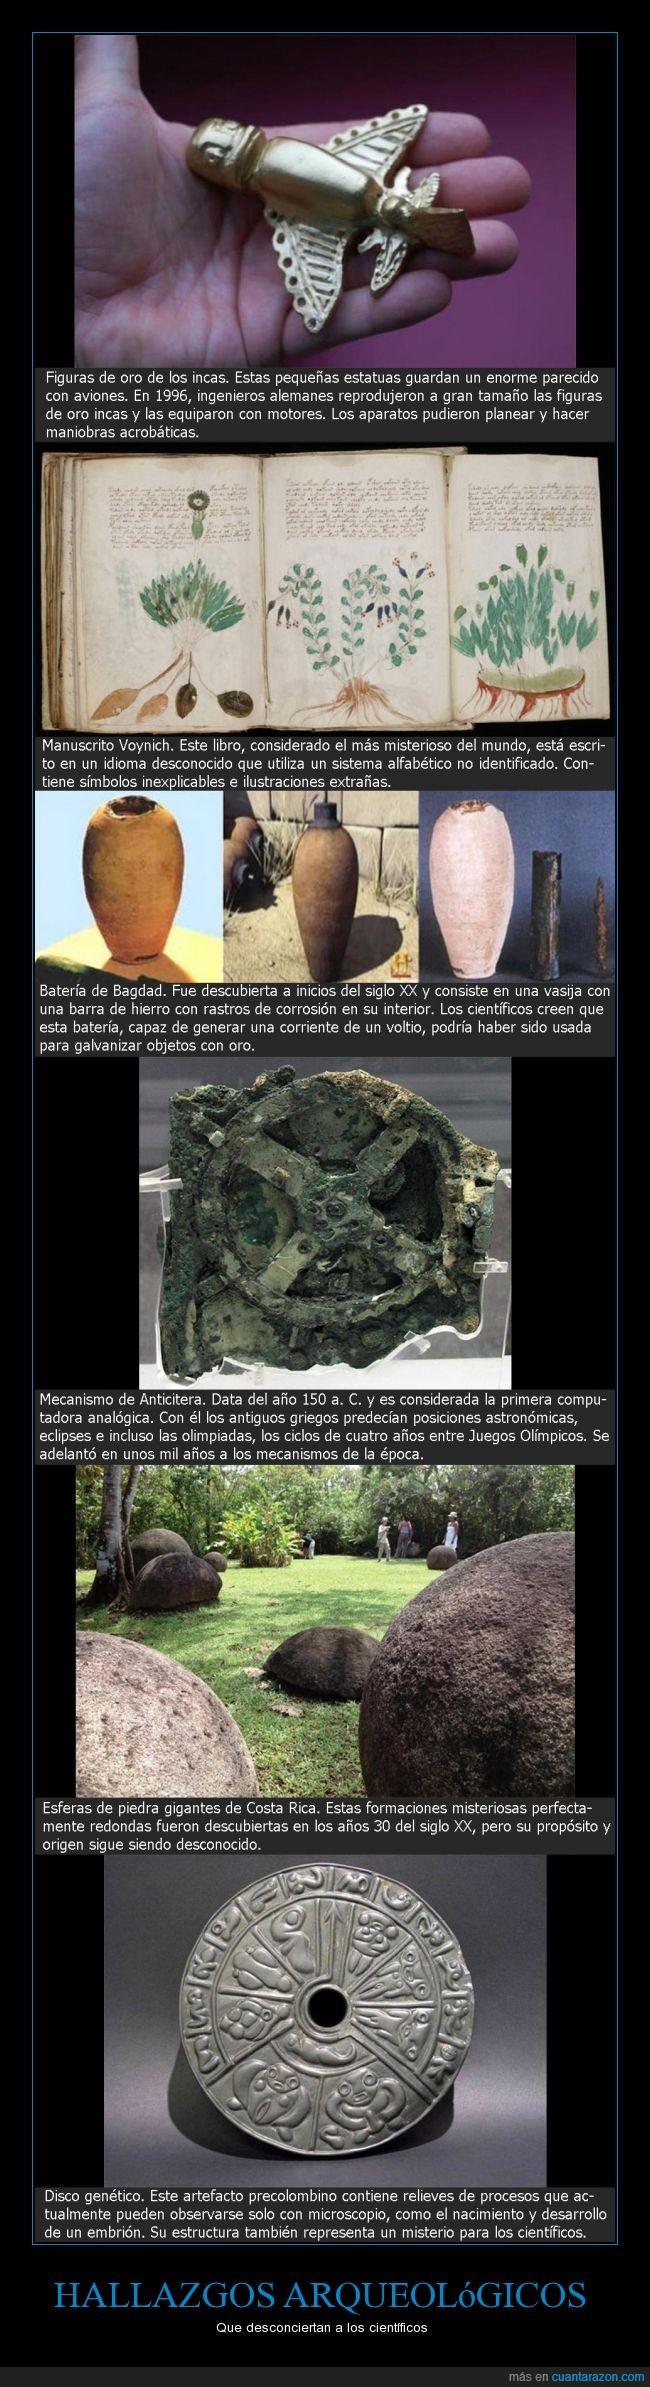 artefactos,Bagdad,Batería,Costa Rica,Disco genético,enigmáticos,Esferas,Figuras de oro,hallazgos arqueológicos,incas,inexplicables,Manuscrito Voynich,Mecanismo de Anticitera,piedra gigantes